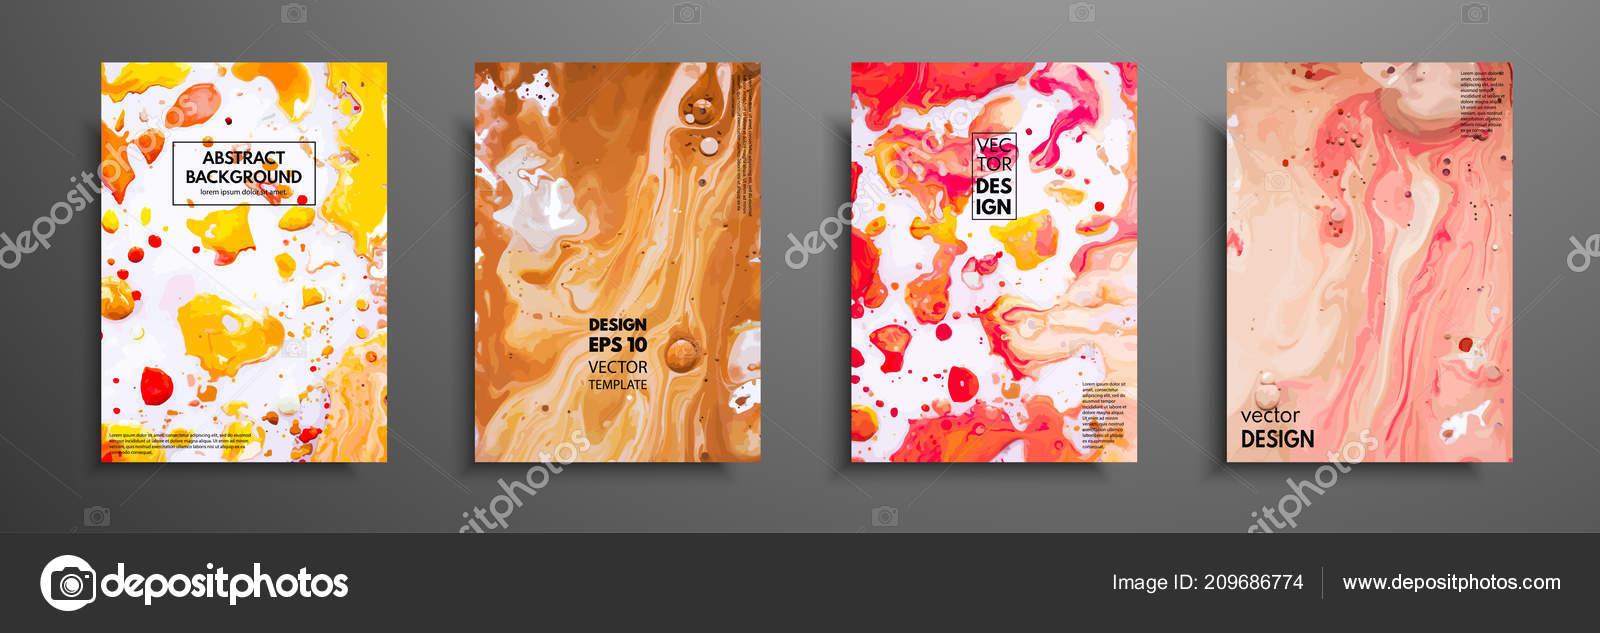 Texture Marbre Liquide Art Fluide Il Y A Lieu Labri De La Conception Prsentation Invitation Dpliant Rapport Annuel Affiche Et Carte Visite